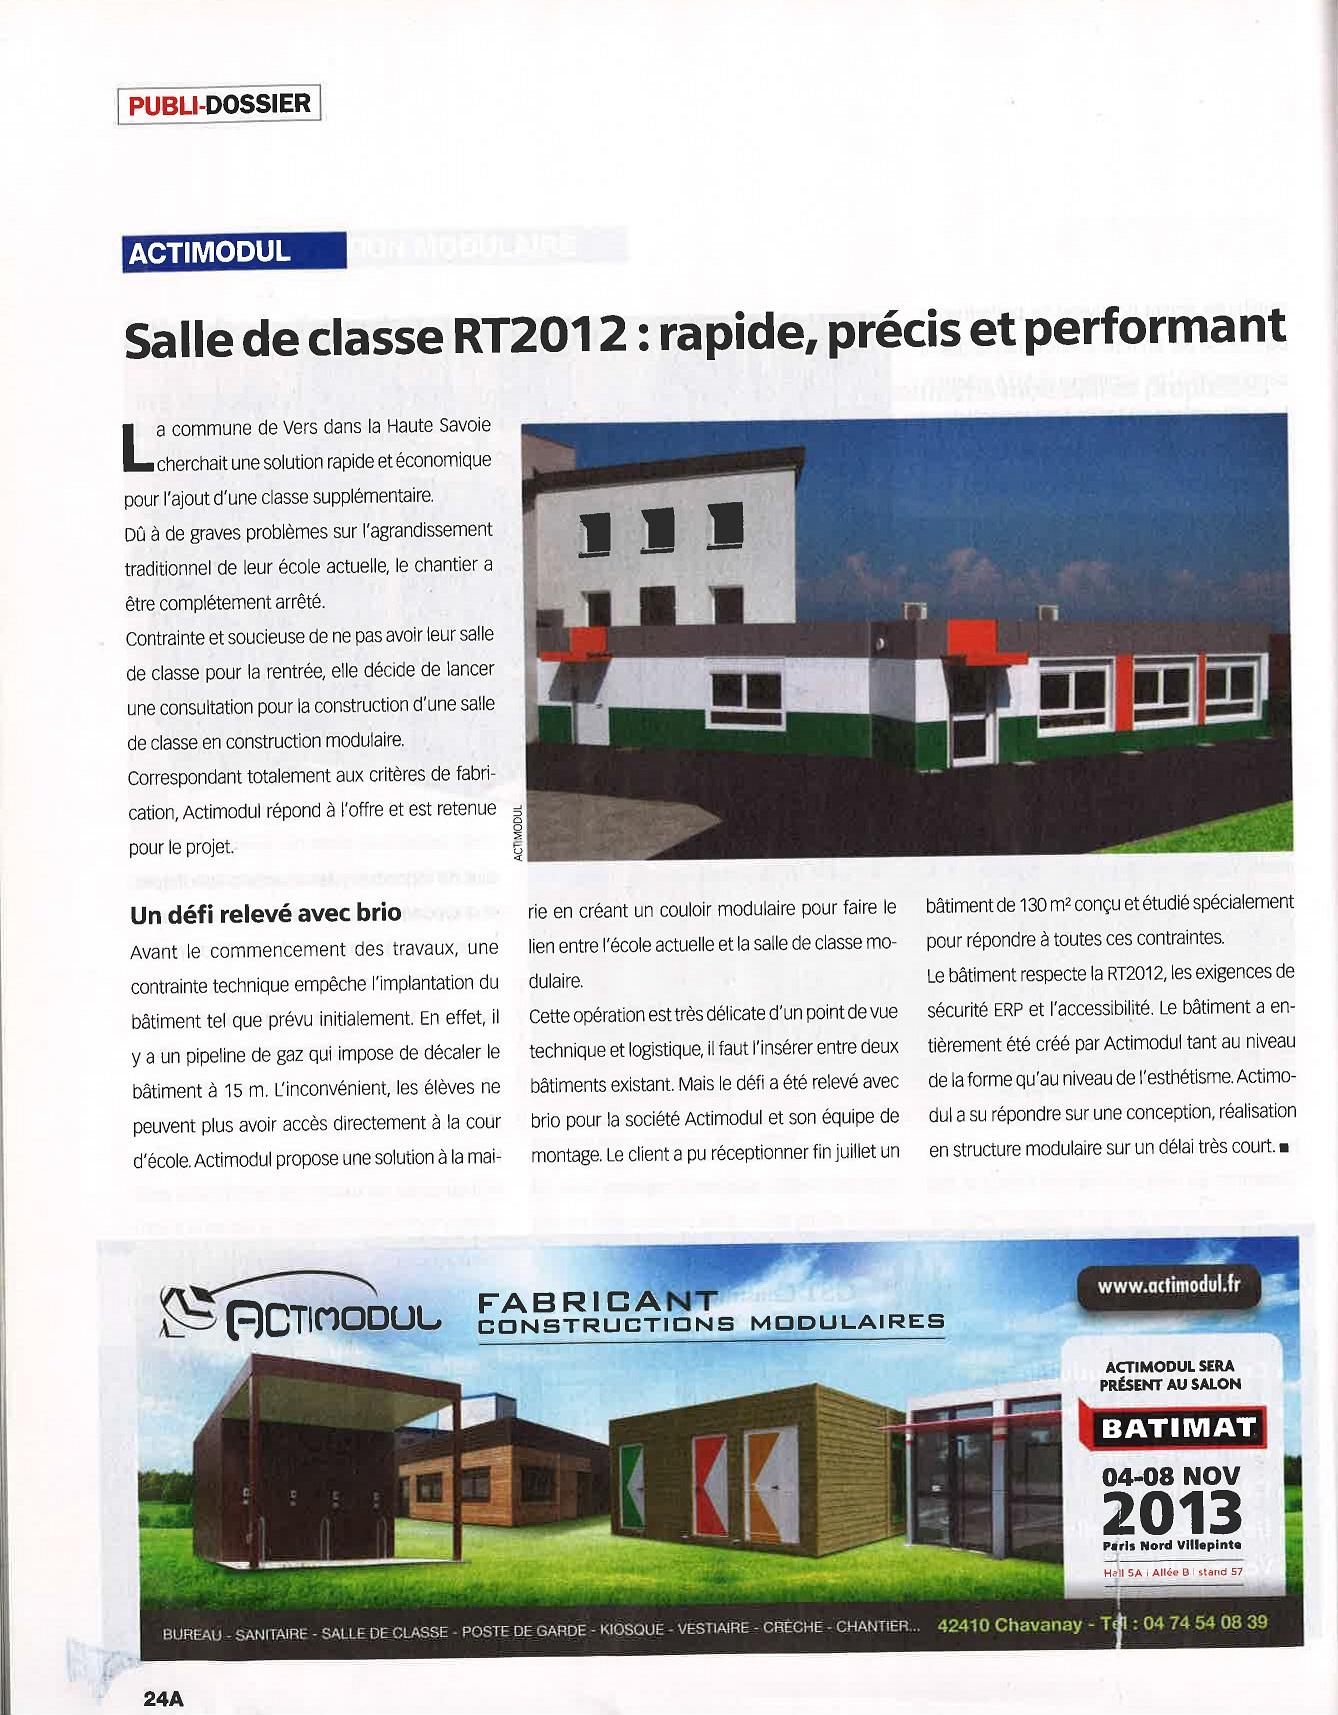 Salle de classe RT2012 : rapide, précis et performant